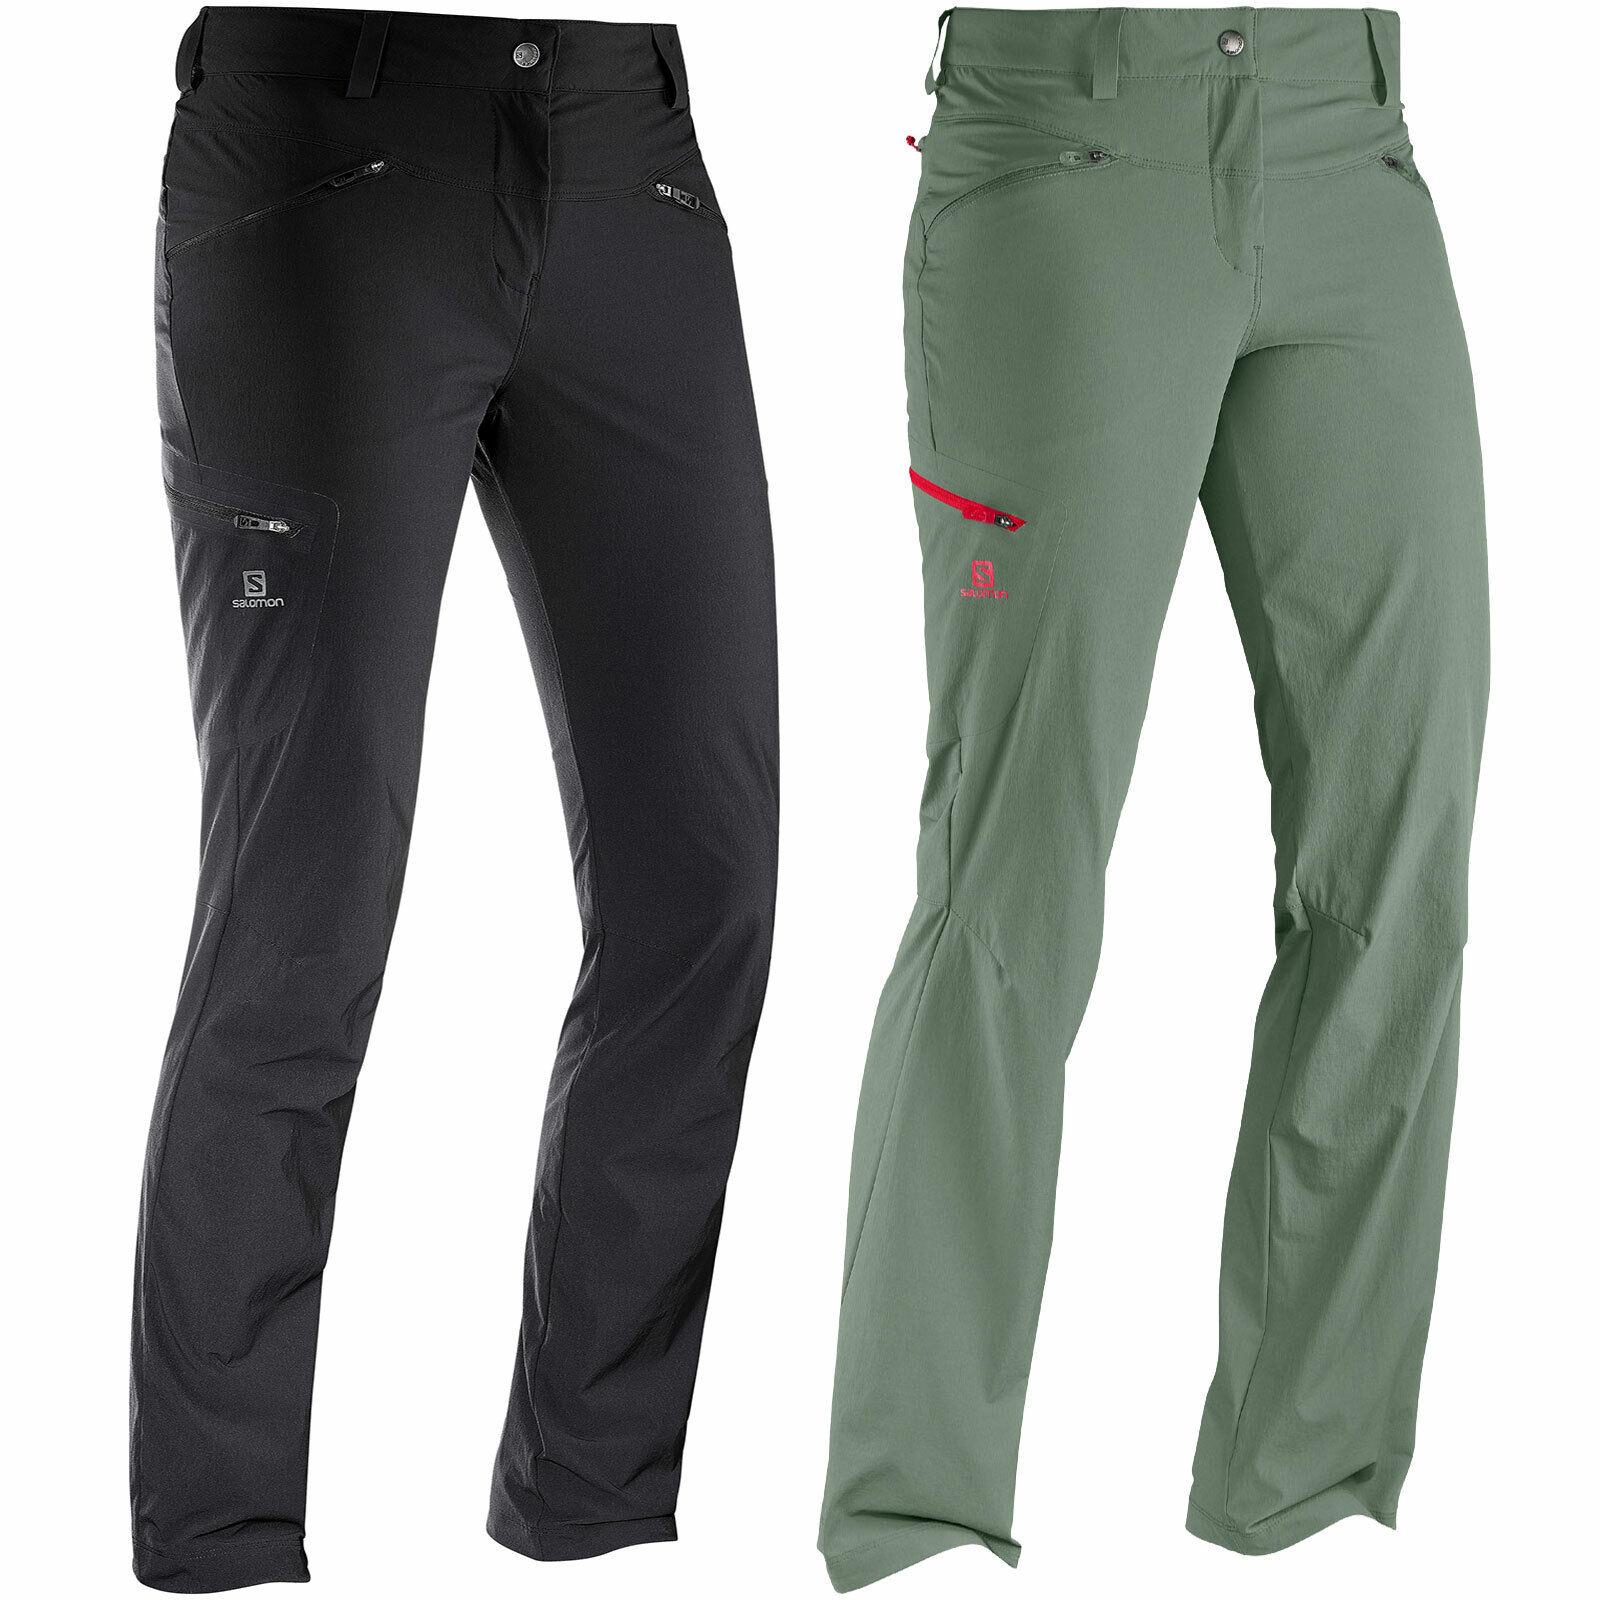 Salomon WAYFARER PANT DONNA TREKKING PANTALONI outdoorhose funzione Pantaloni Wanderhose